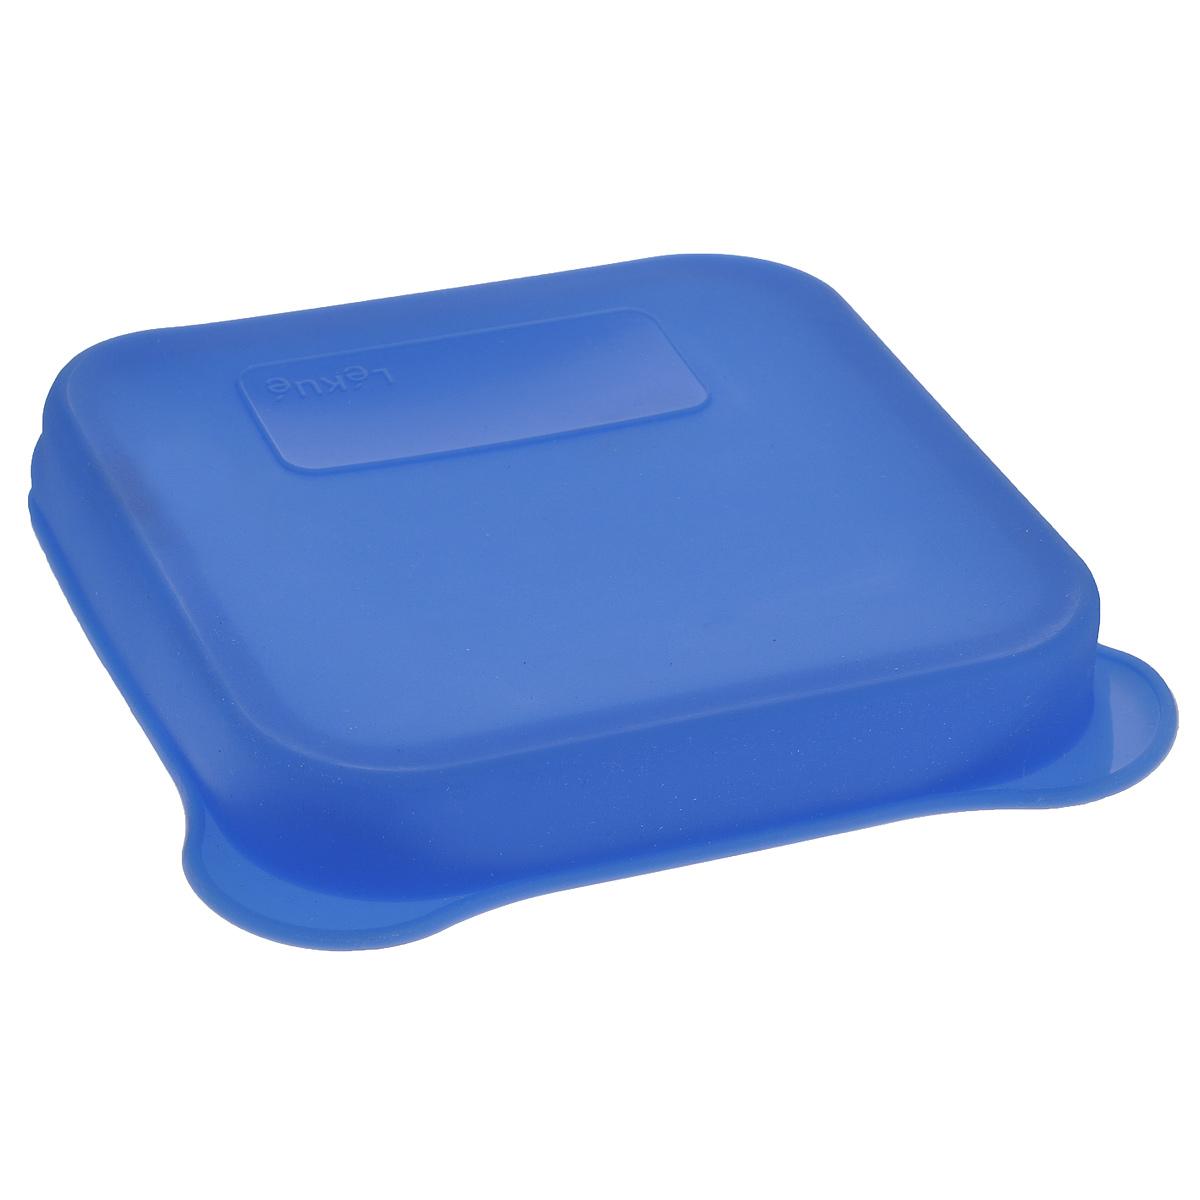 Бутербродница Lekue, цвет: синий, 17 см х 16 см х 2,5 см3401700Z15U008Бутербродница Lekue прекрасно подойдет для хранения и переноски бутербродов и другой еды. Бутербродница выполнена из безопасного силикона и имеет место для записей, которые легко смоются водой. Она выдерживает высокие и низкие температуры (от -60°С до +220°С). Бутербродница пригодна для мытья в посудомоечной машине.